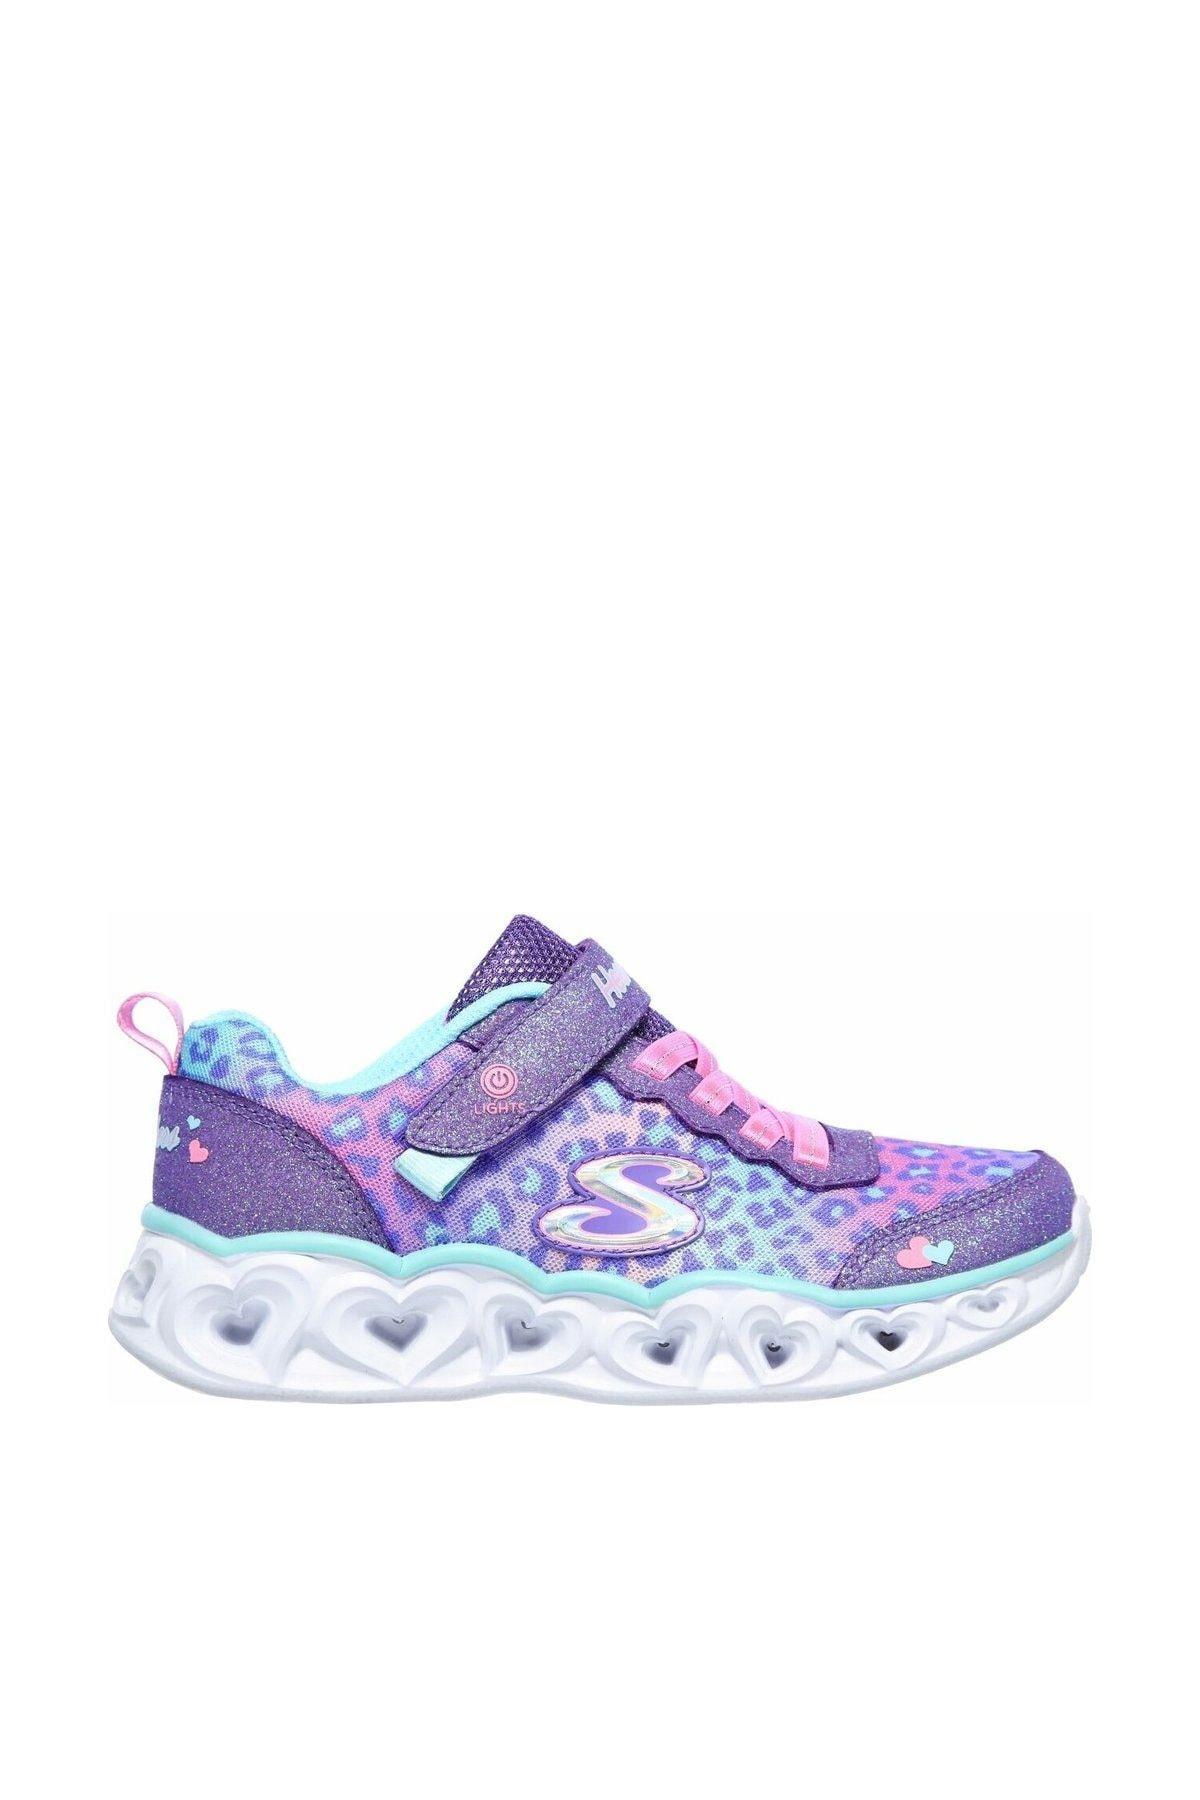 SKECHERS HEART LIGHTS - Büyük Kız Çocuk Mor Spor Ayakkabı 1